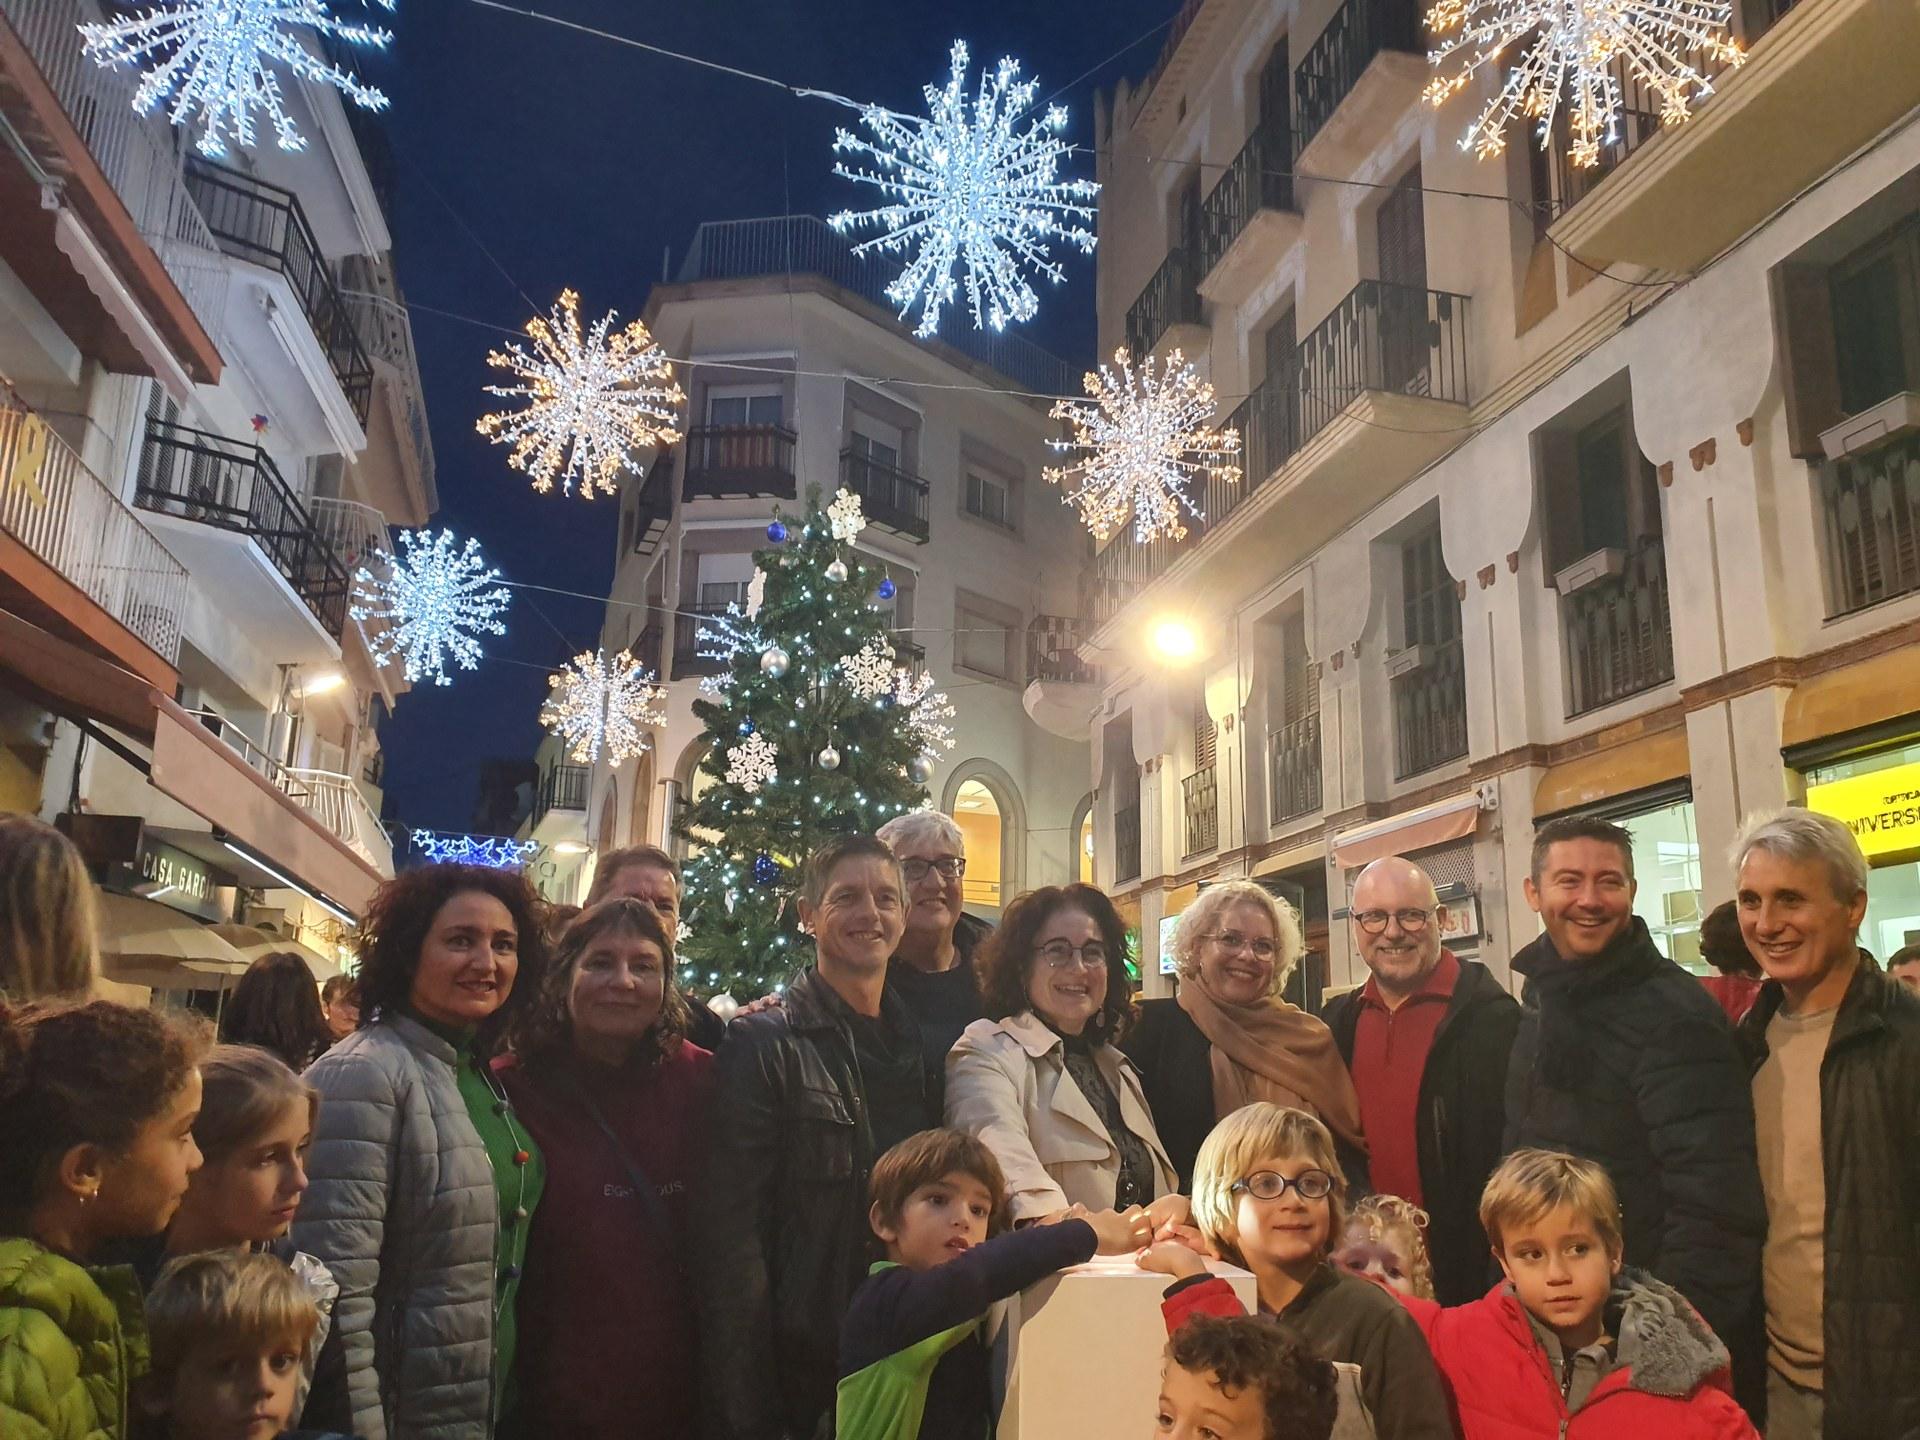 Amb l'acte d'encesa dels llums de Nadal Sitges ha donat el tret de sortida a la programació d'activitats per a aquestes Festes